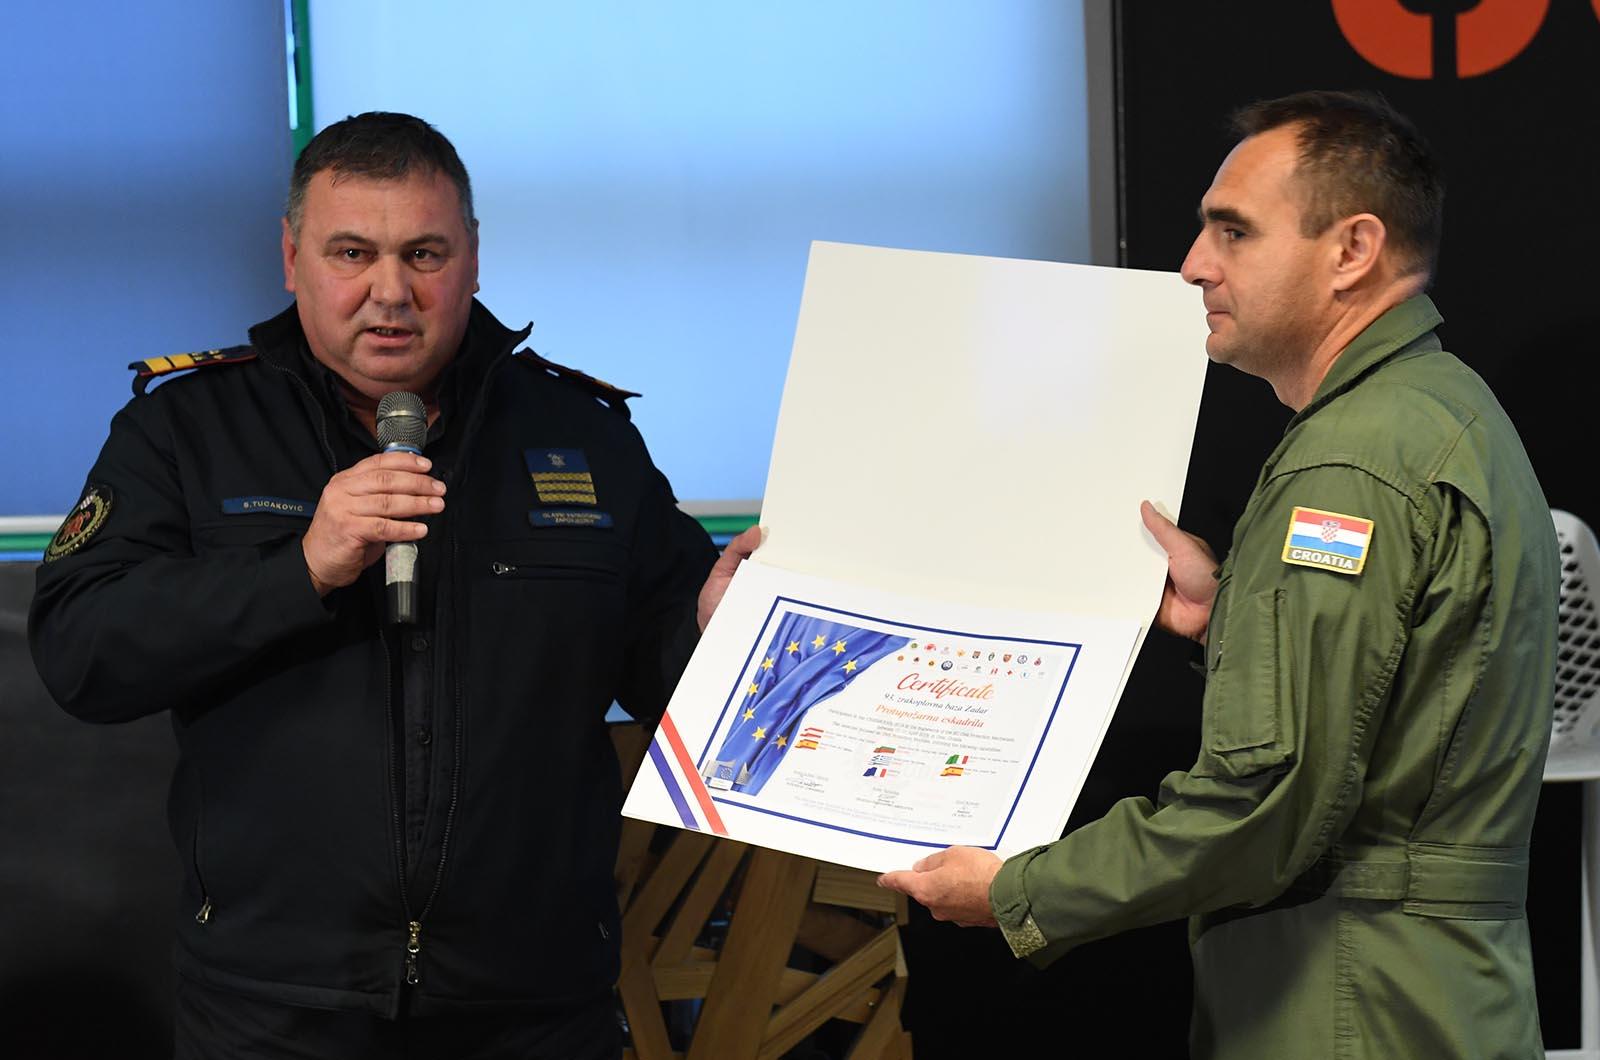 pukovnik Tomislavu Vacenovski